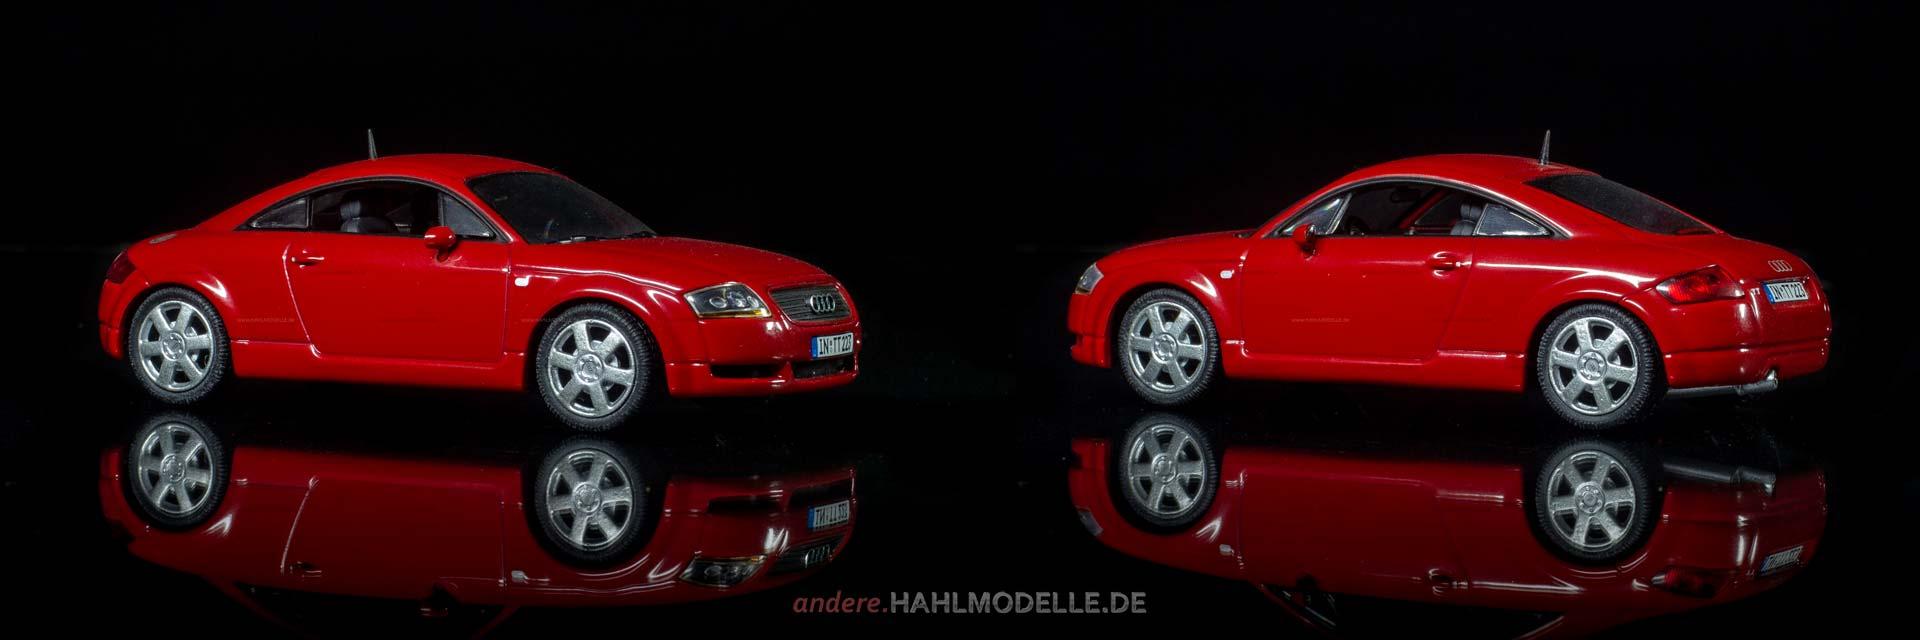 Audi TT 8N | Coupé | Minichamps | www.andere.hahlmodelle.de